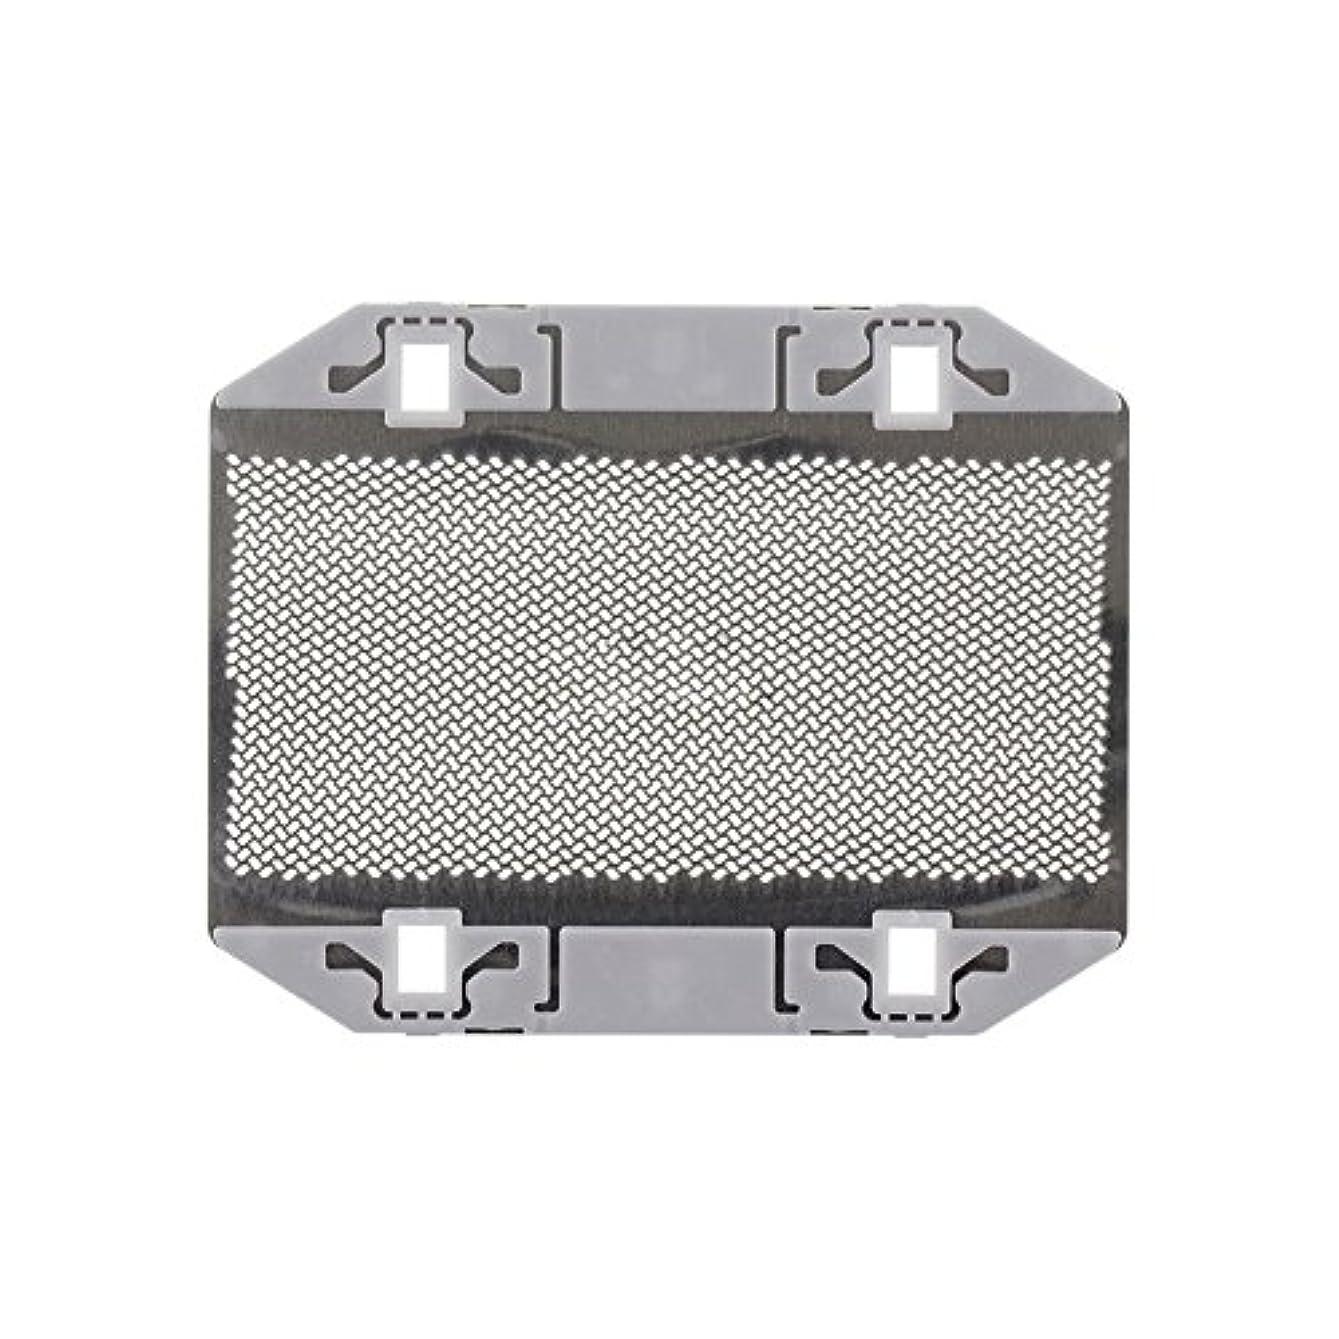 未知の保証不完全なJanjunsi 回転式シェーバー シェーバーパーツ シェーバー 交換用 替刃 外刃 耐用 for Panasonic ES9943 ES3042 ES3801 ES3750 ES365 ES366